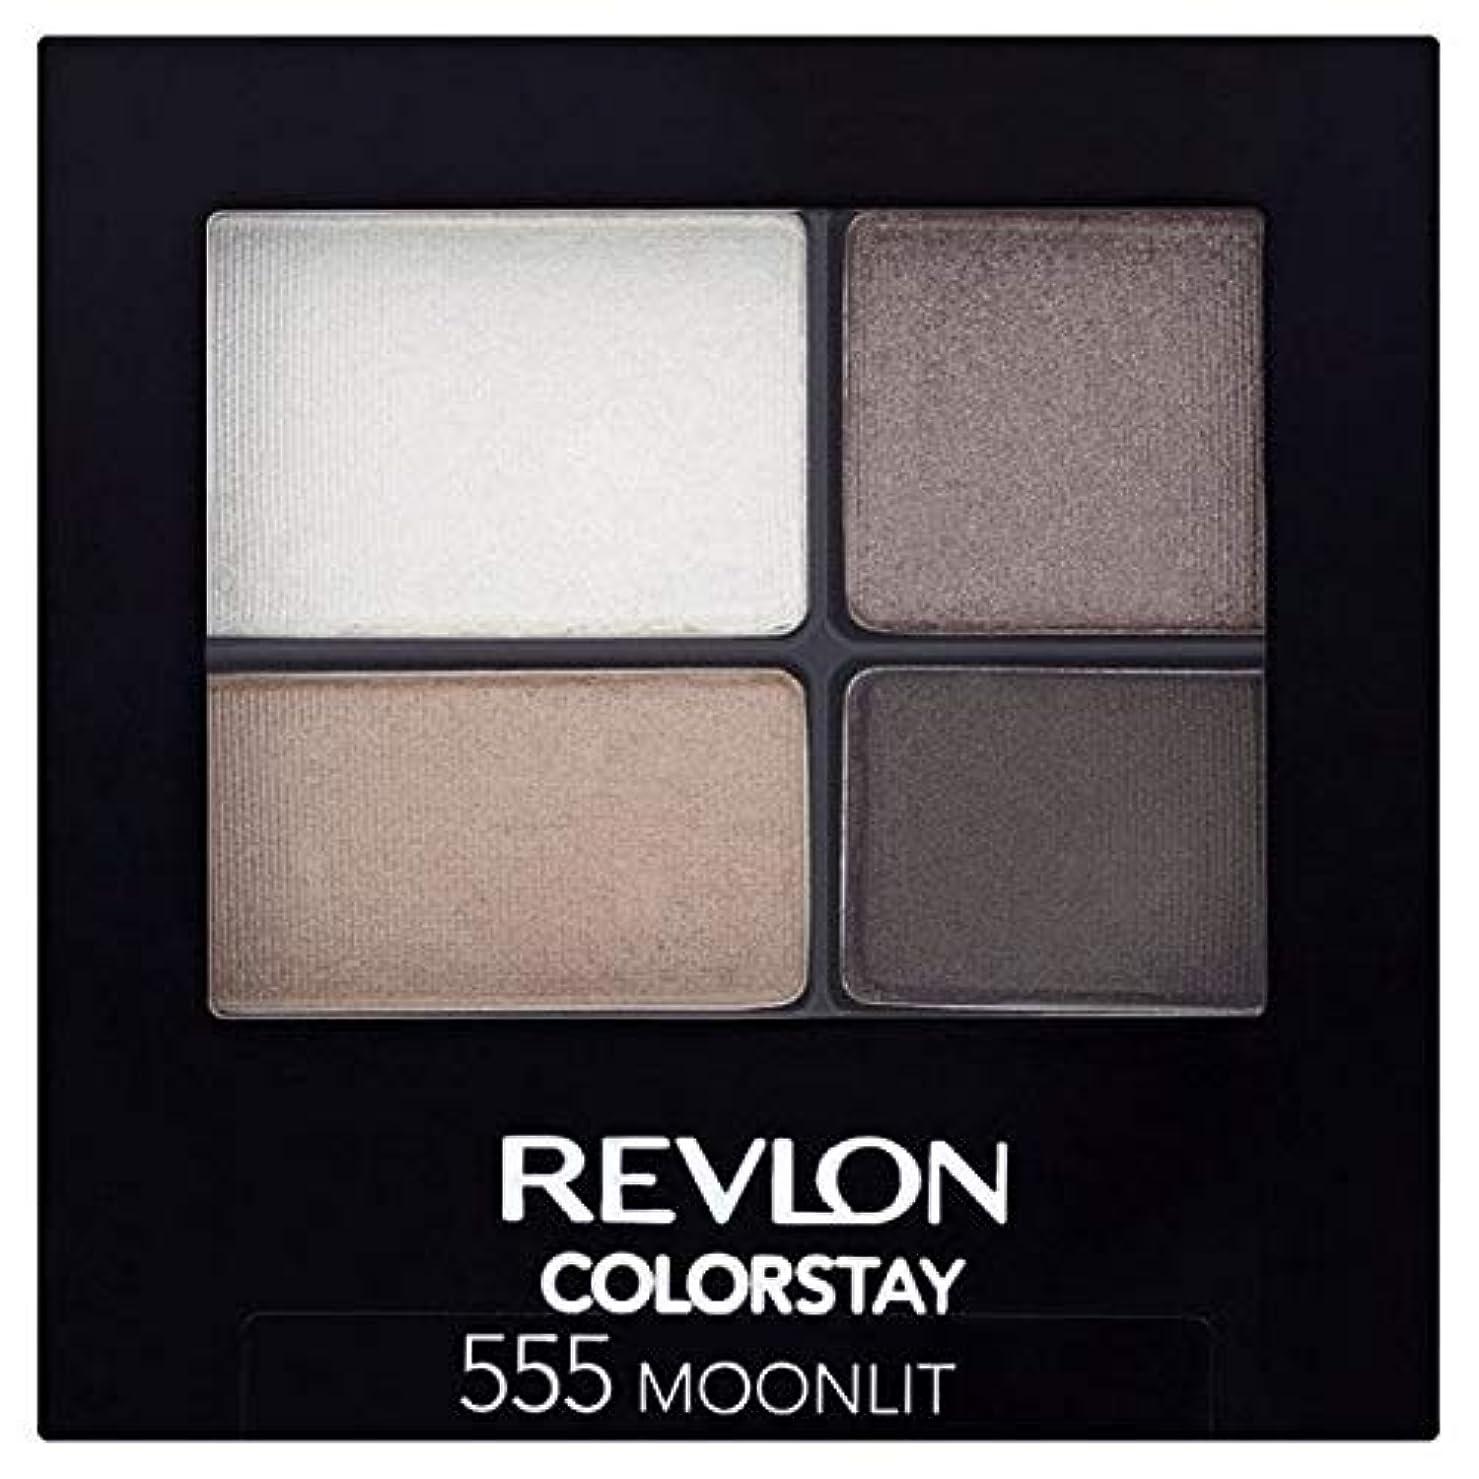 番目クリックスクラップ[Revlon ] レブロンColorstay 16時間のアイシャドウは555月光 - Revlon Colorstay 16 Hour Eye Shadow Moonlight 555 [並行輸入品]